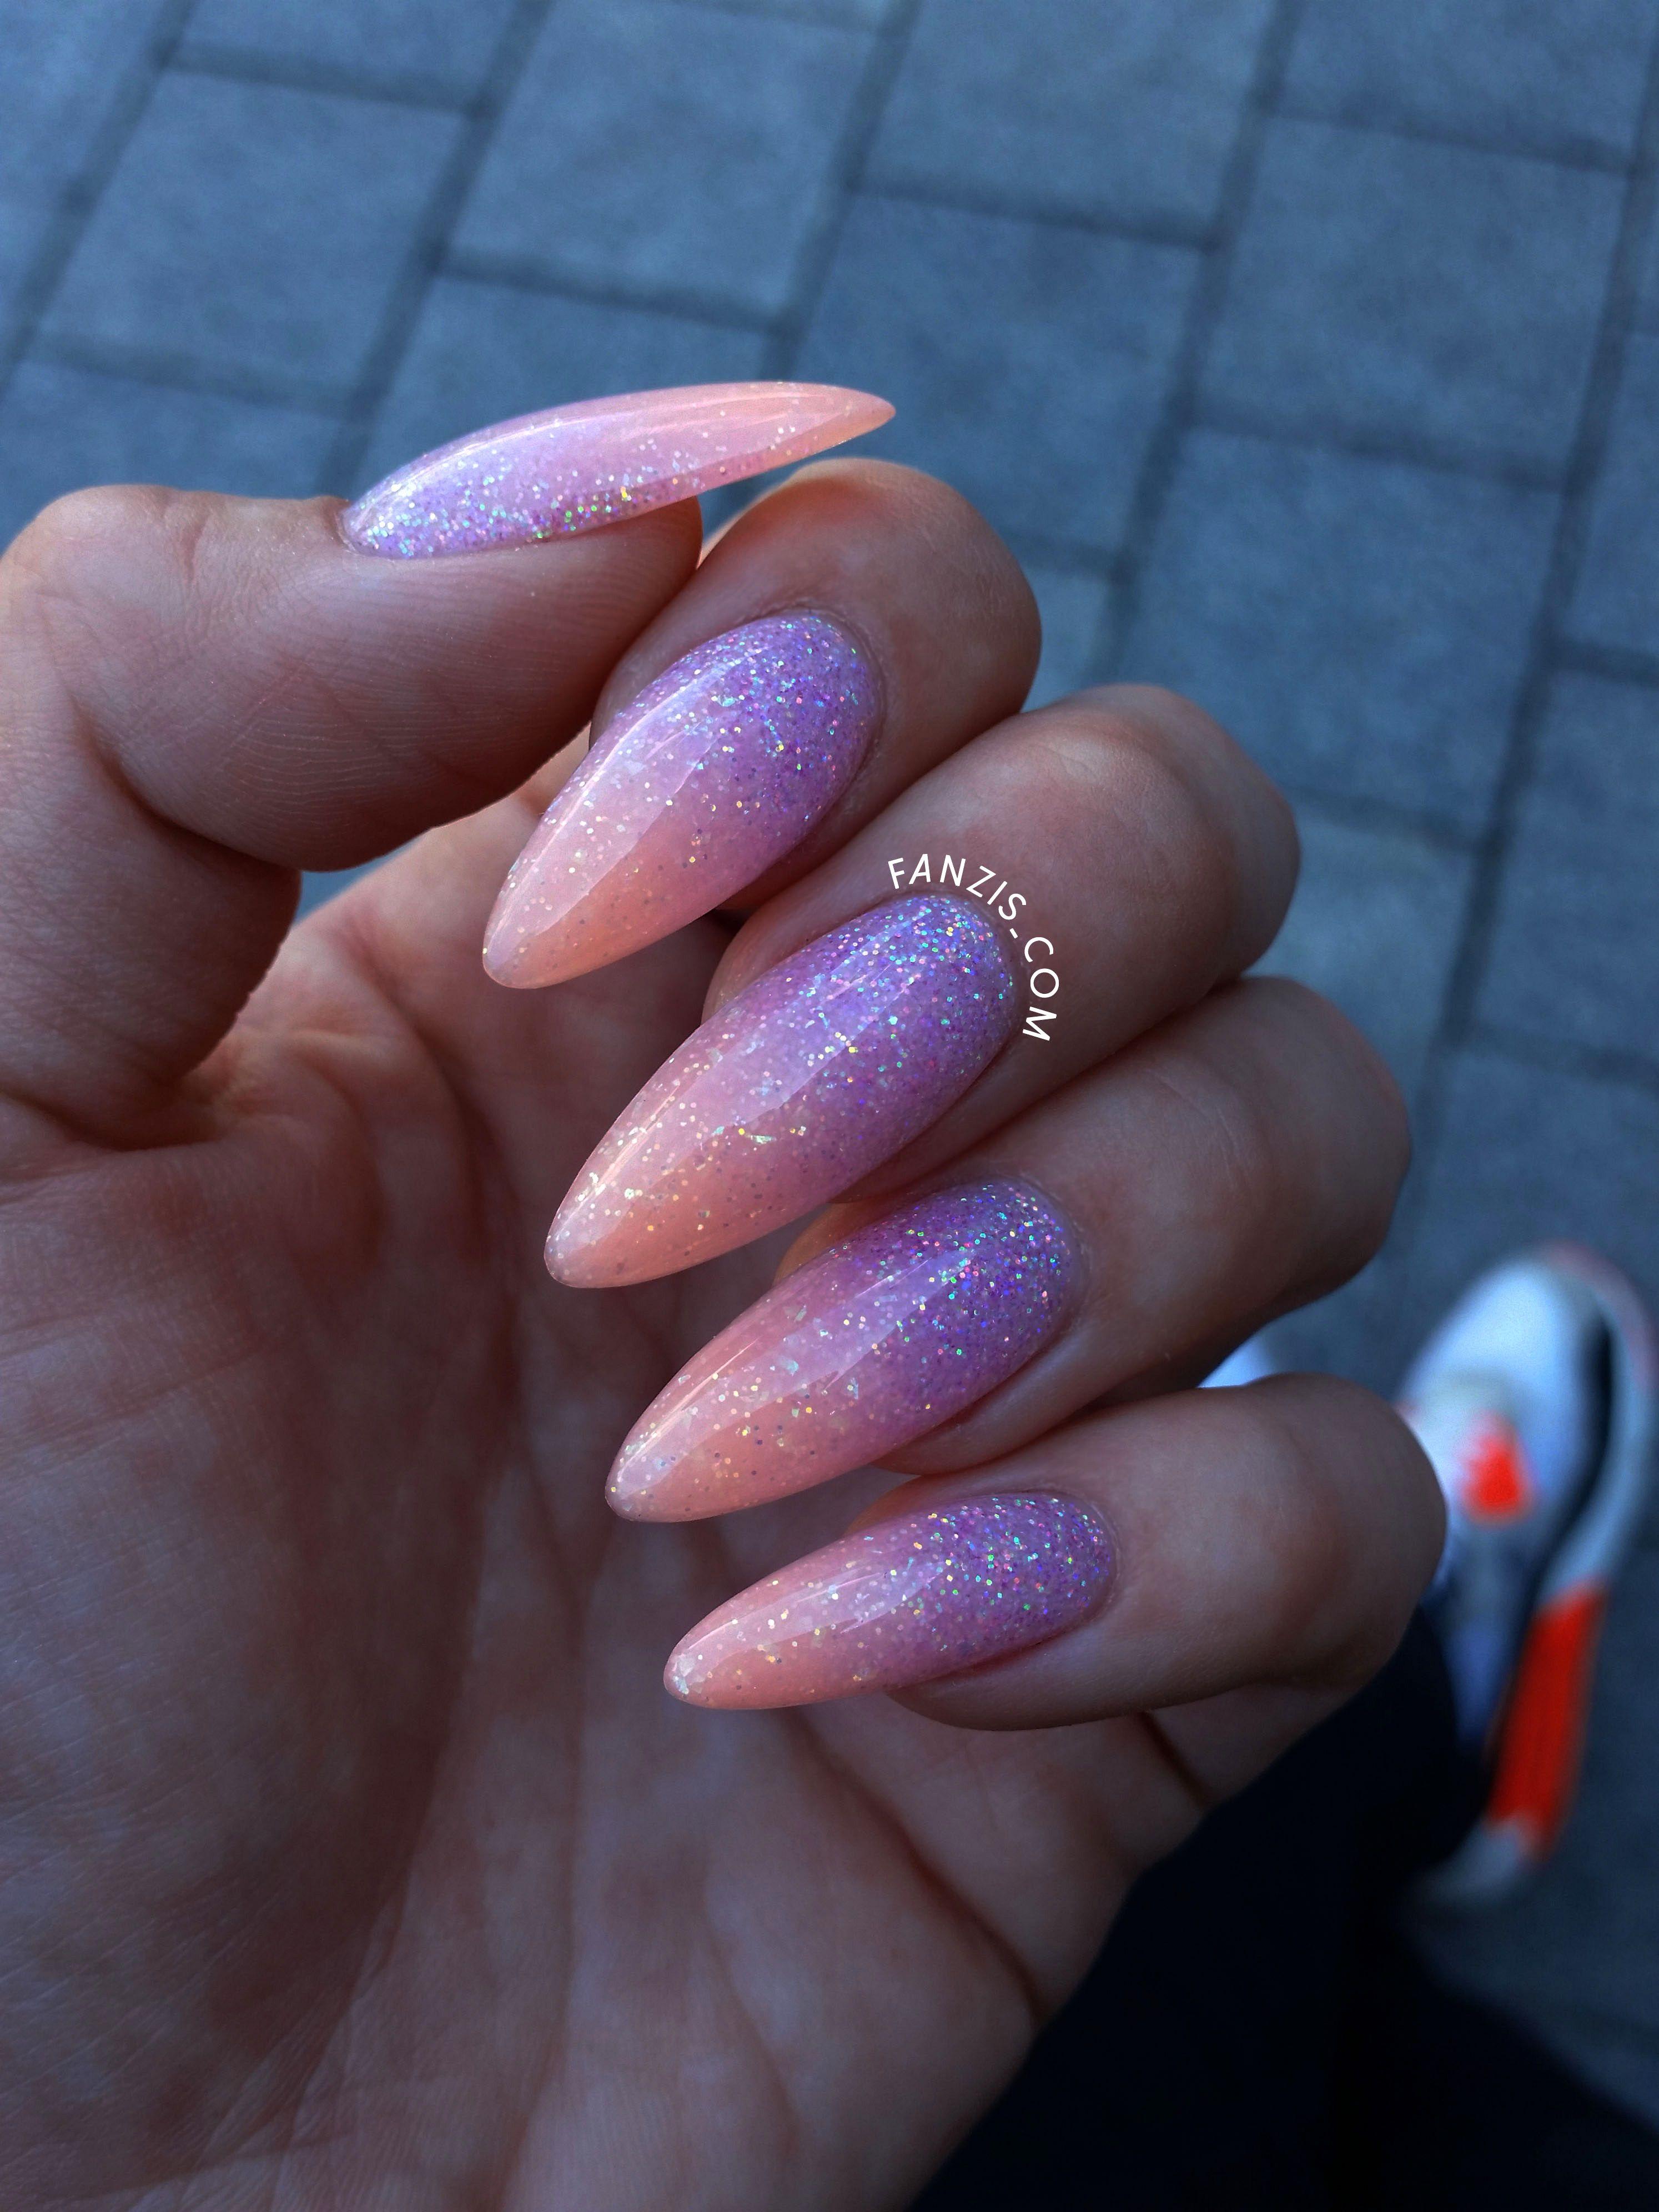 Neon Ombre Glitter Nails | Glitter Nails | Pinterest ...